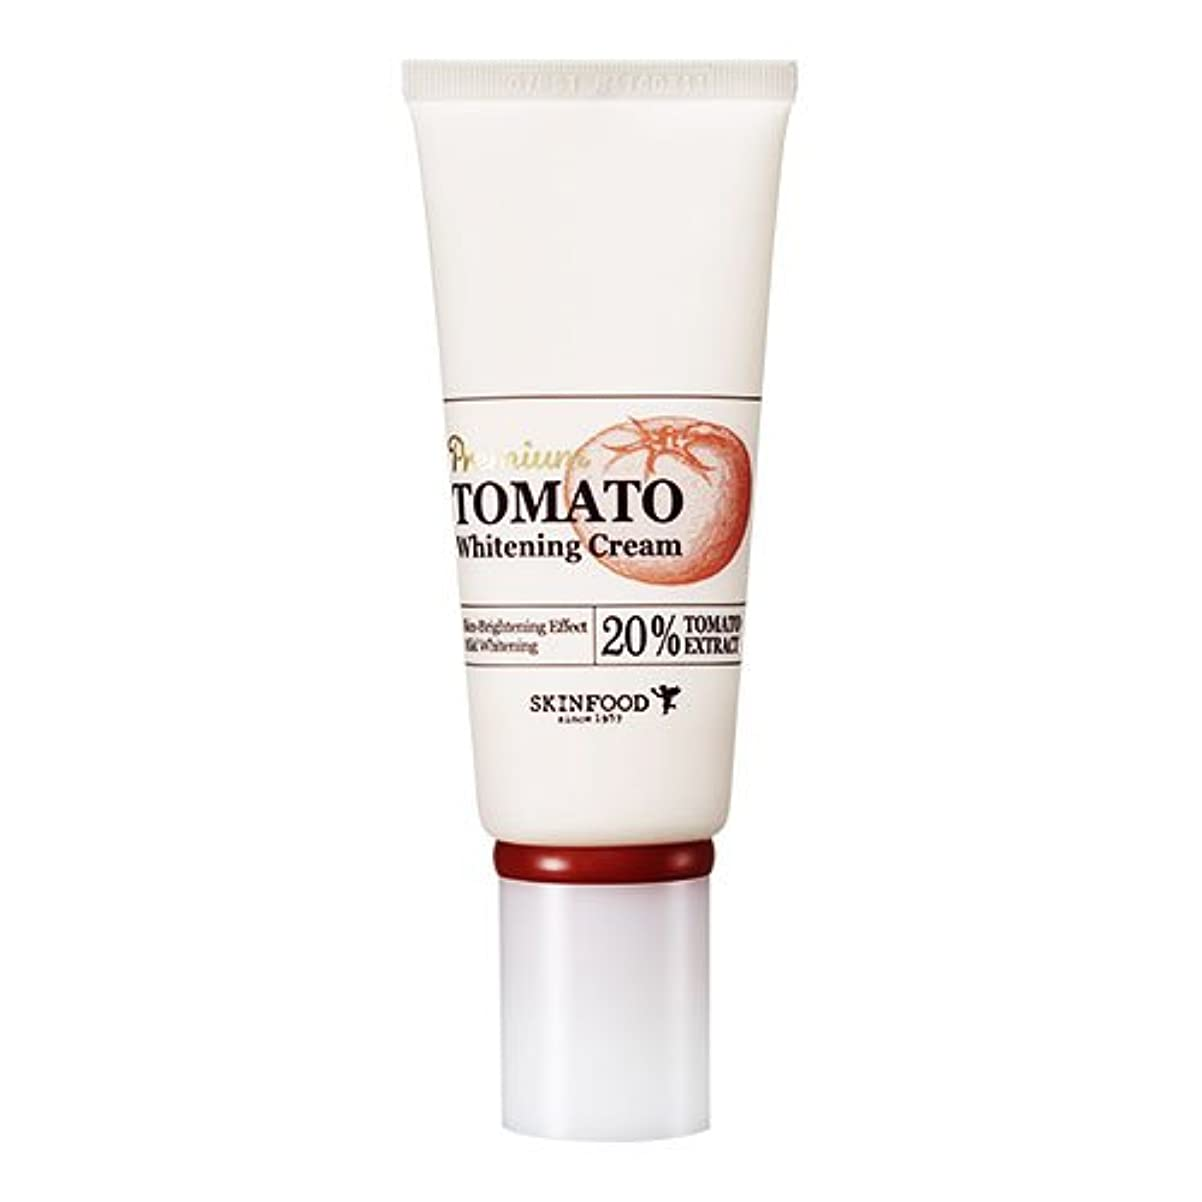 研究所敵対的叙情的なSkinfood プレミアムトマトホワイトニングクリーム(美白効果) / Premium Tomato Whitening Cream (Skin-Brightening Effect) 50g [並行輸入品]